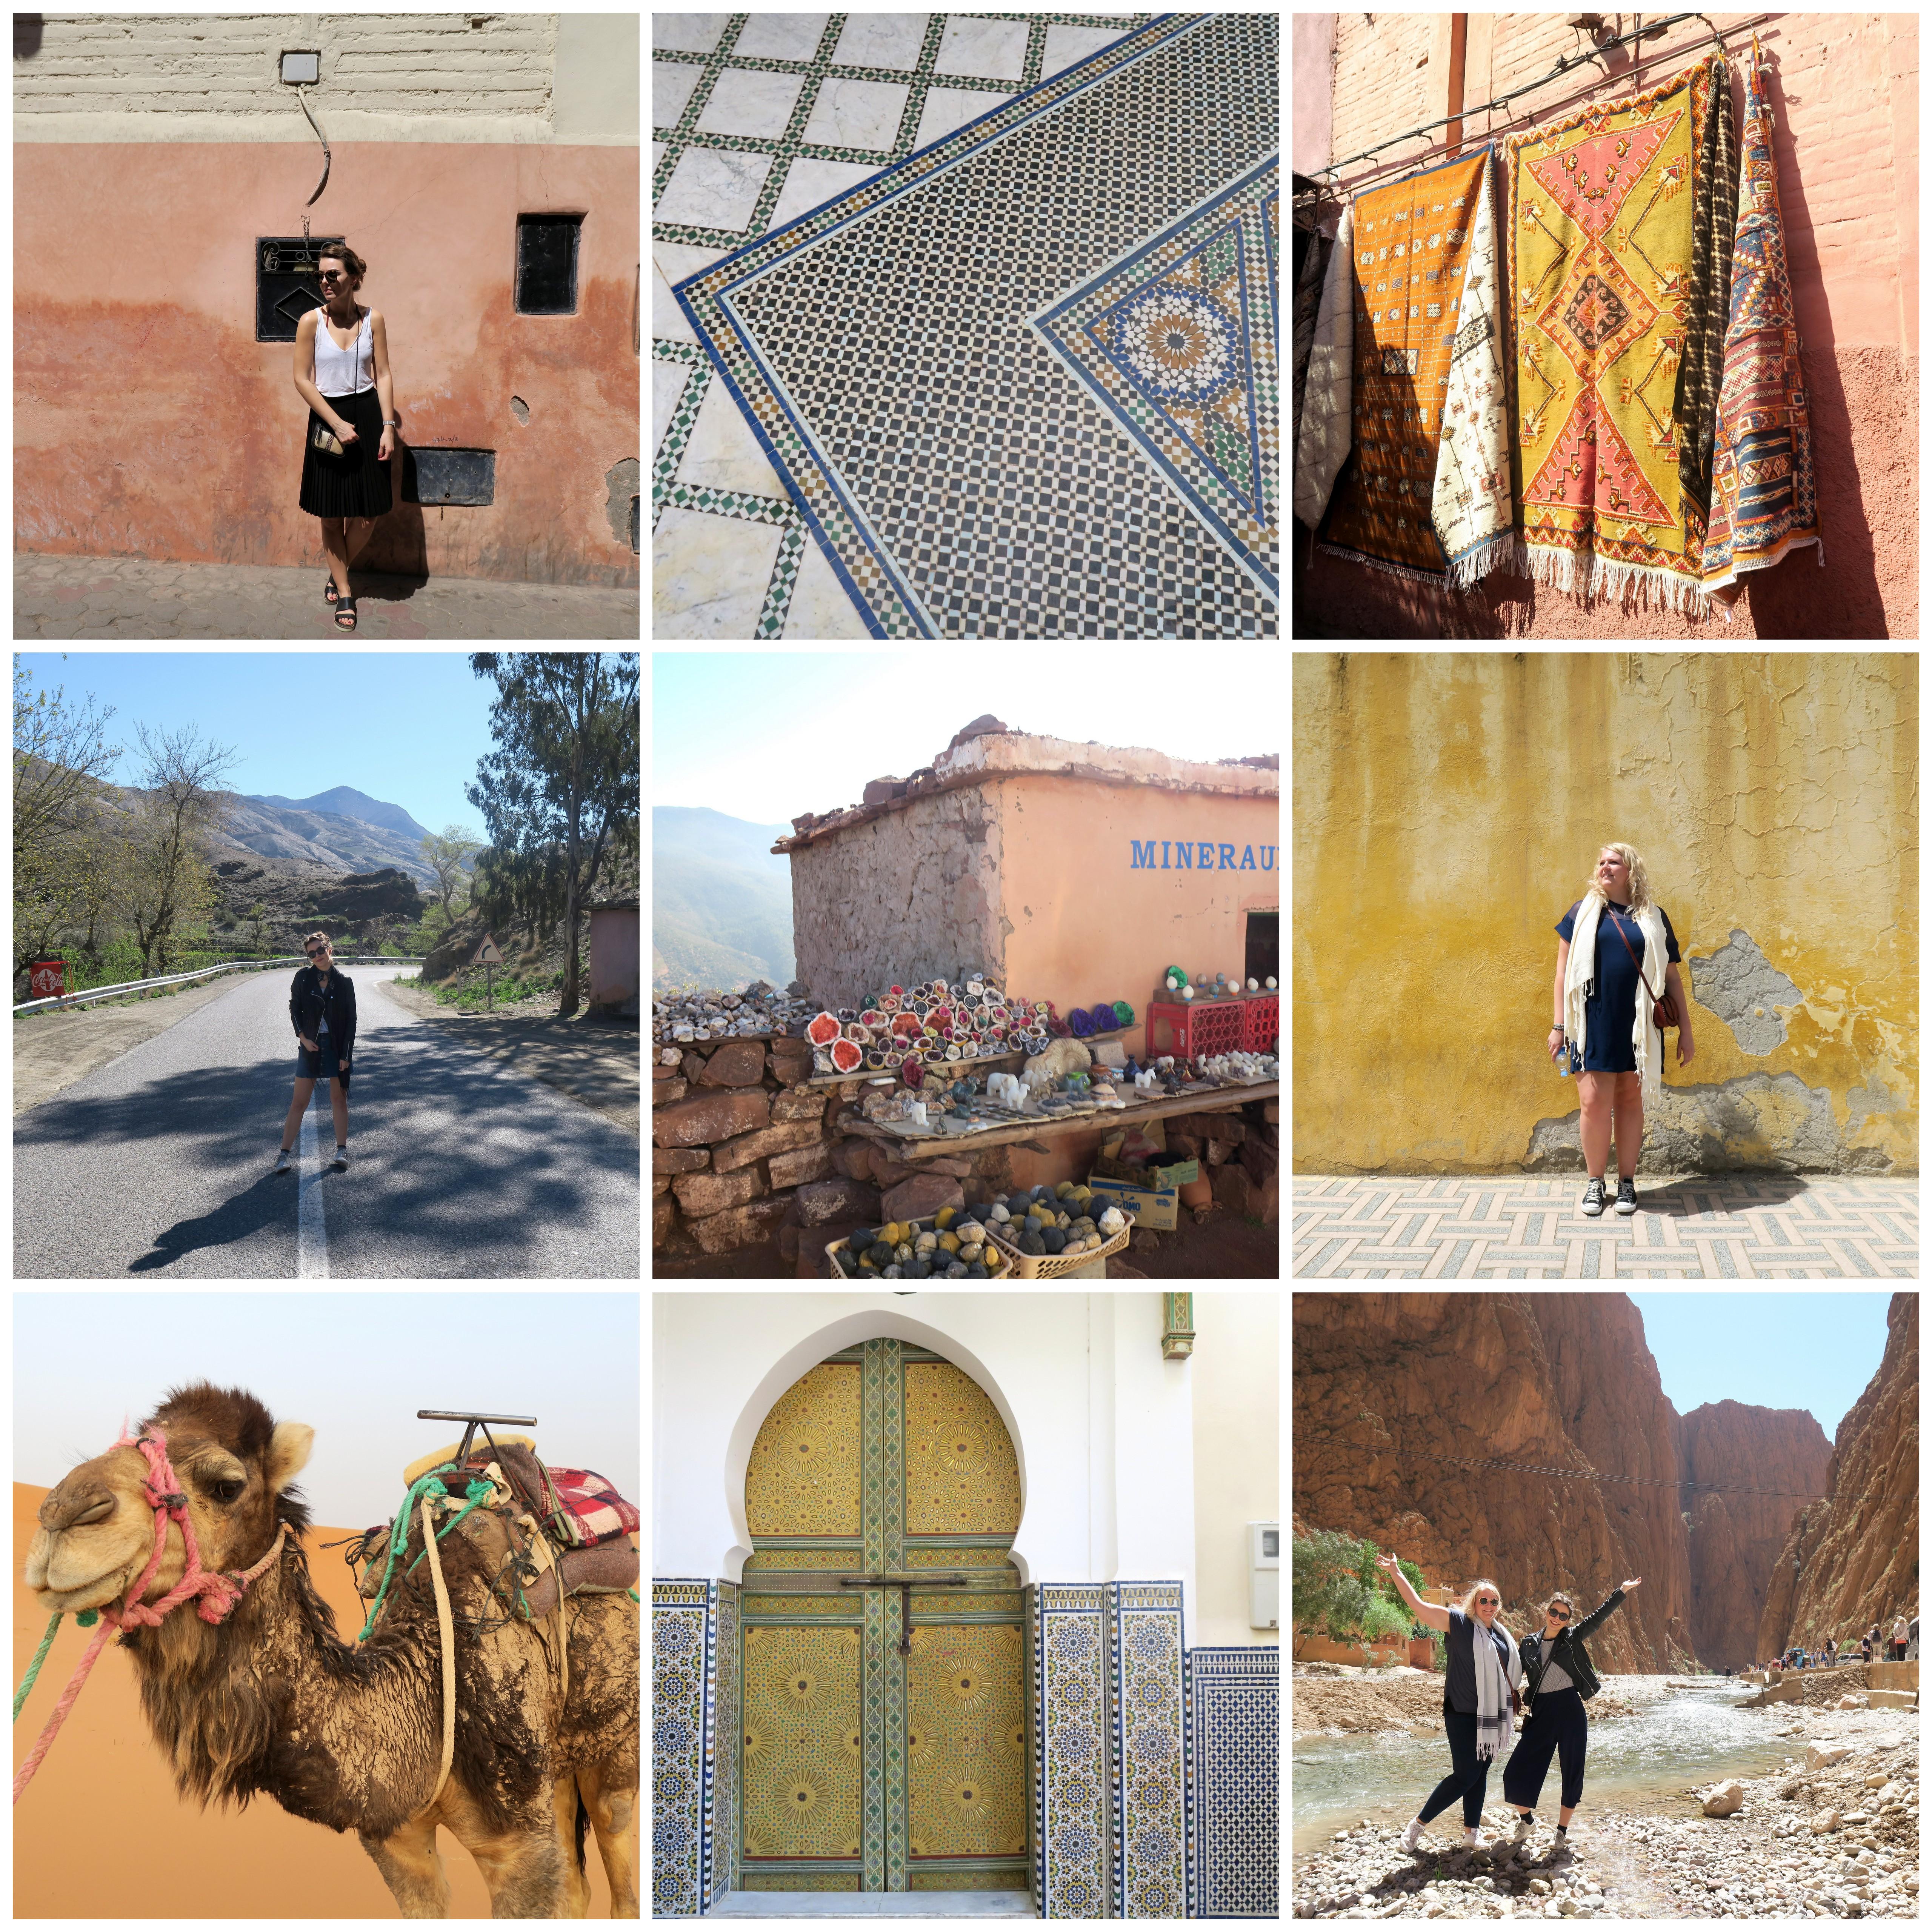 marokko-marrakech-5